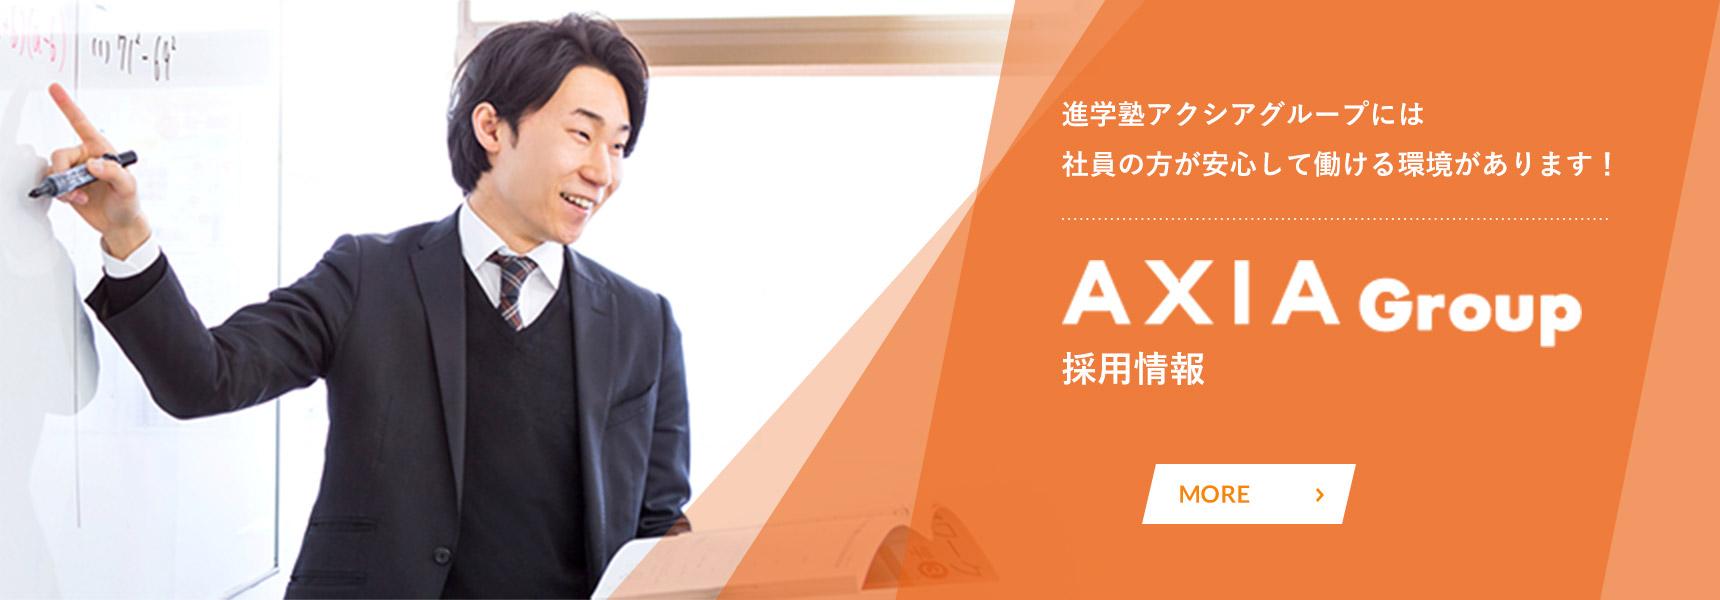 進学塾アクシアグループには社員の方が安心して働ける環境があります! AXIA Group 採用情報